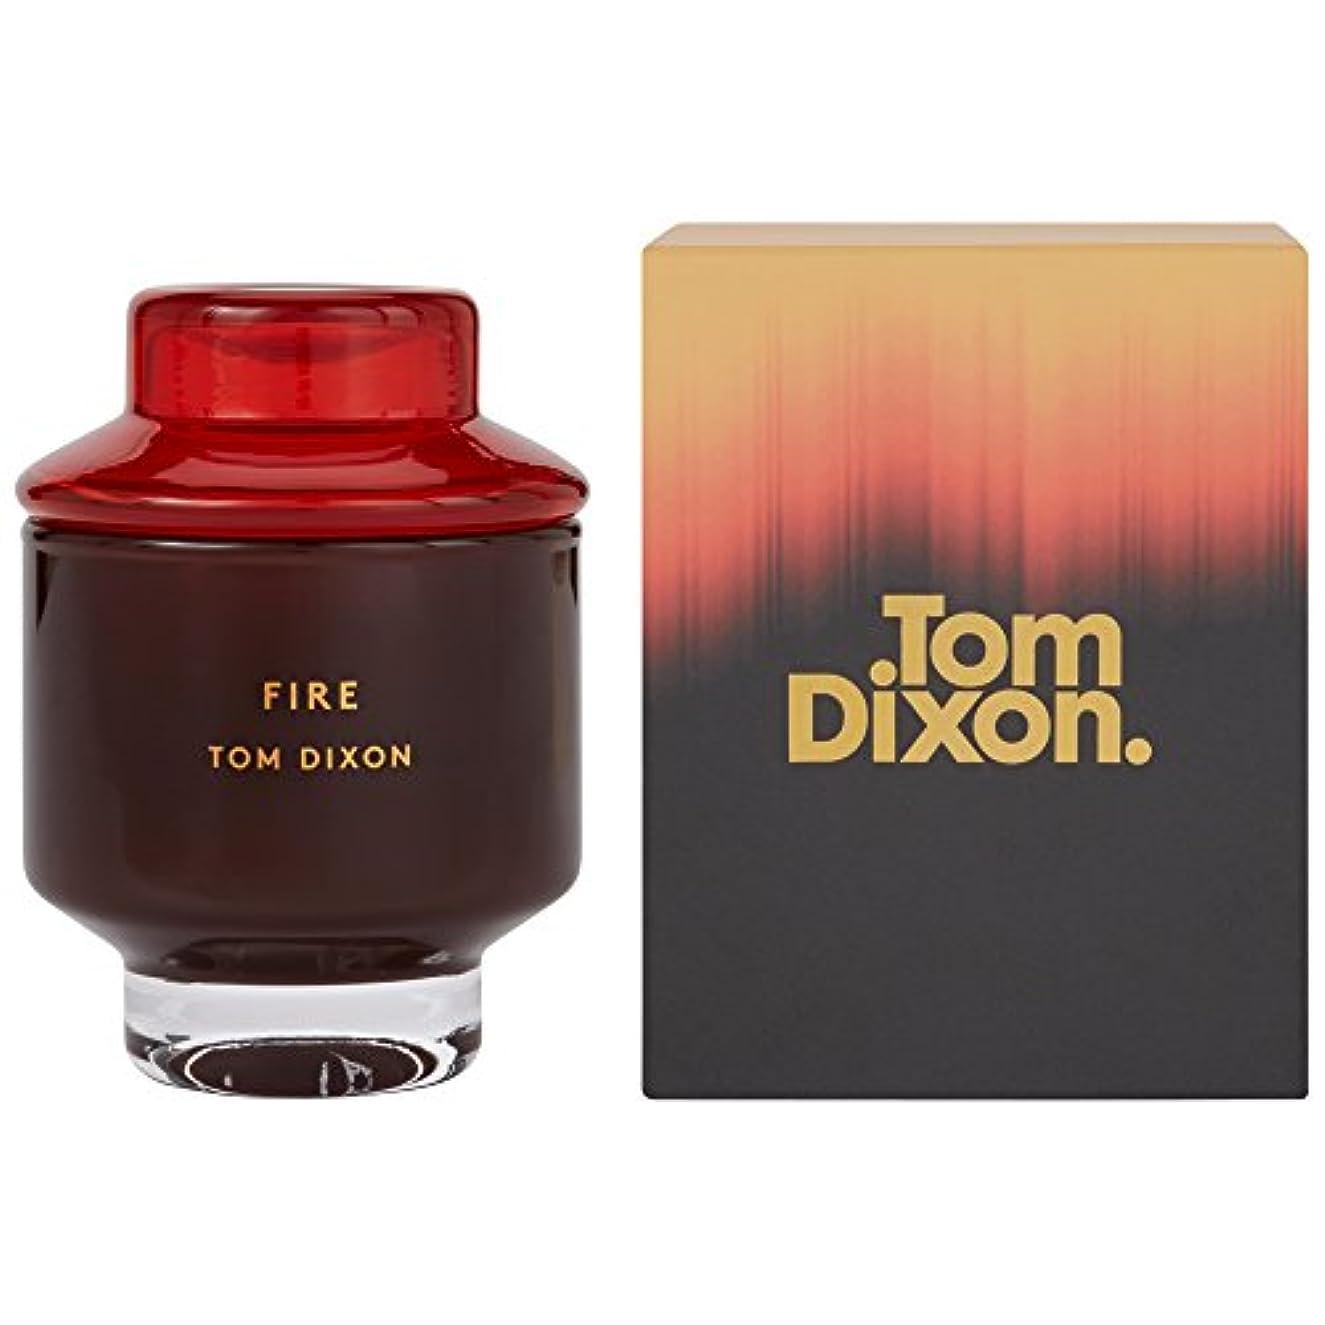 支援する大いに蒸気Tom Dixon Fire Scented Candle Medium - トム?ディクソン火災香りのキャンドル媒体 [並行輸入品]